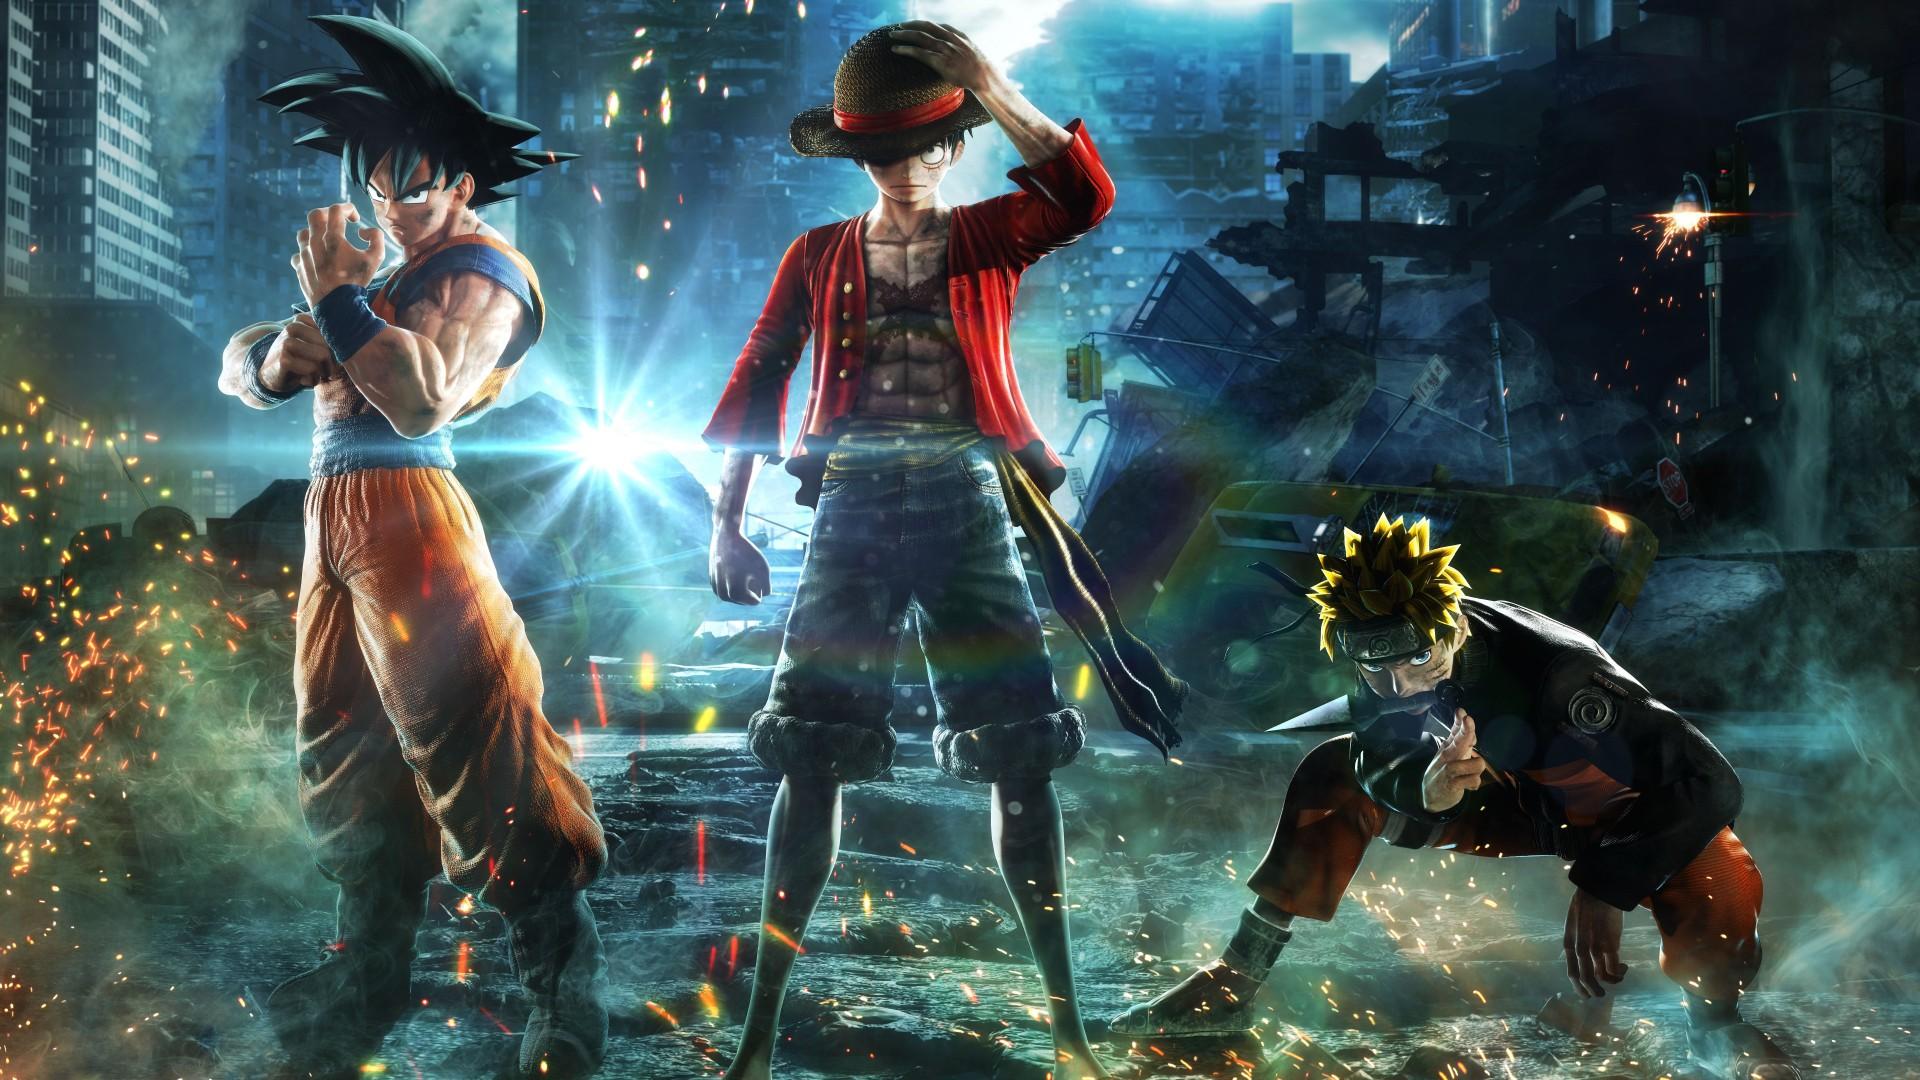 Naruto Wallpaper 3d Jump Force Goku Naruto Luffy 4k 8k Wallpapers Hd